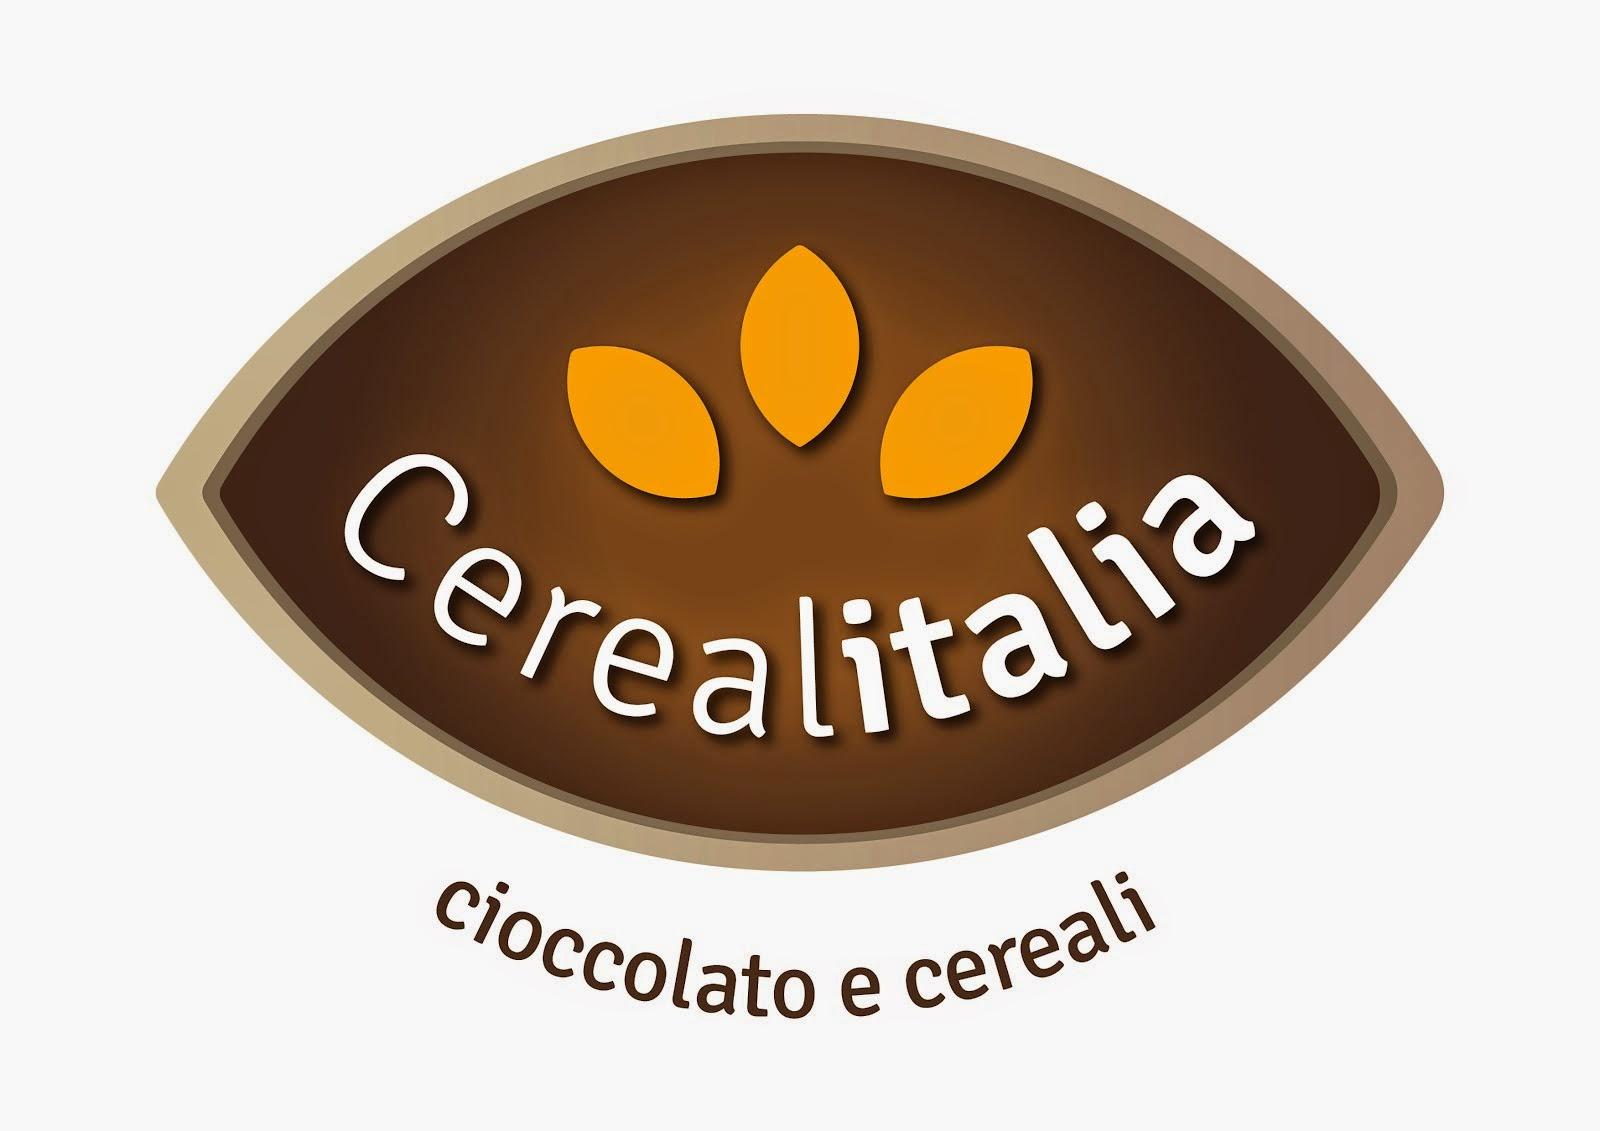 Cerealitalia